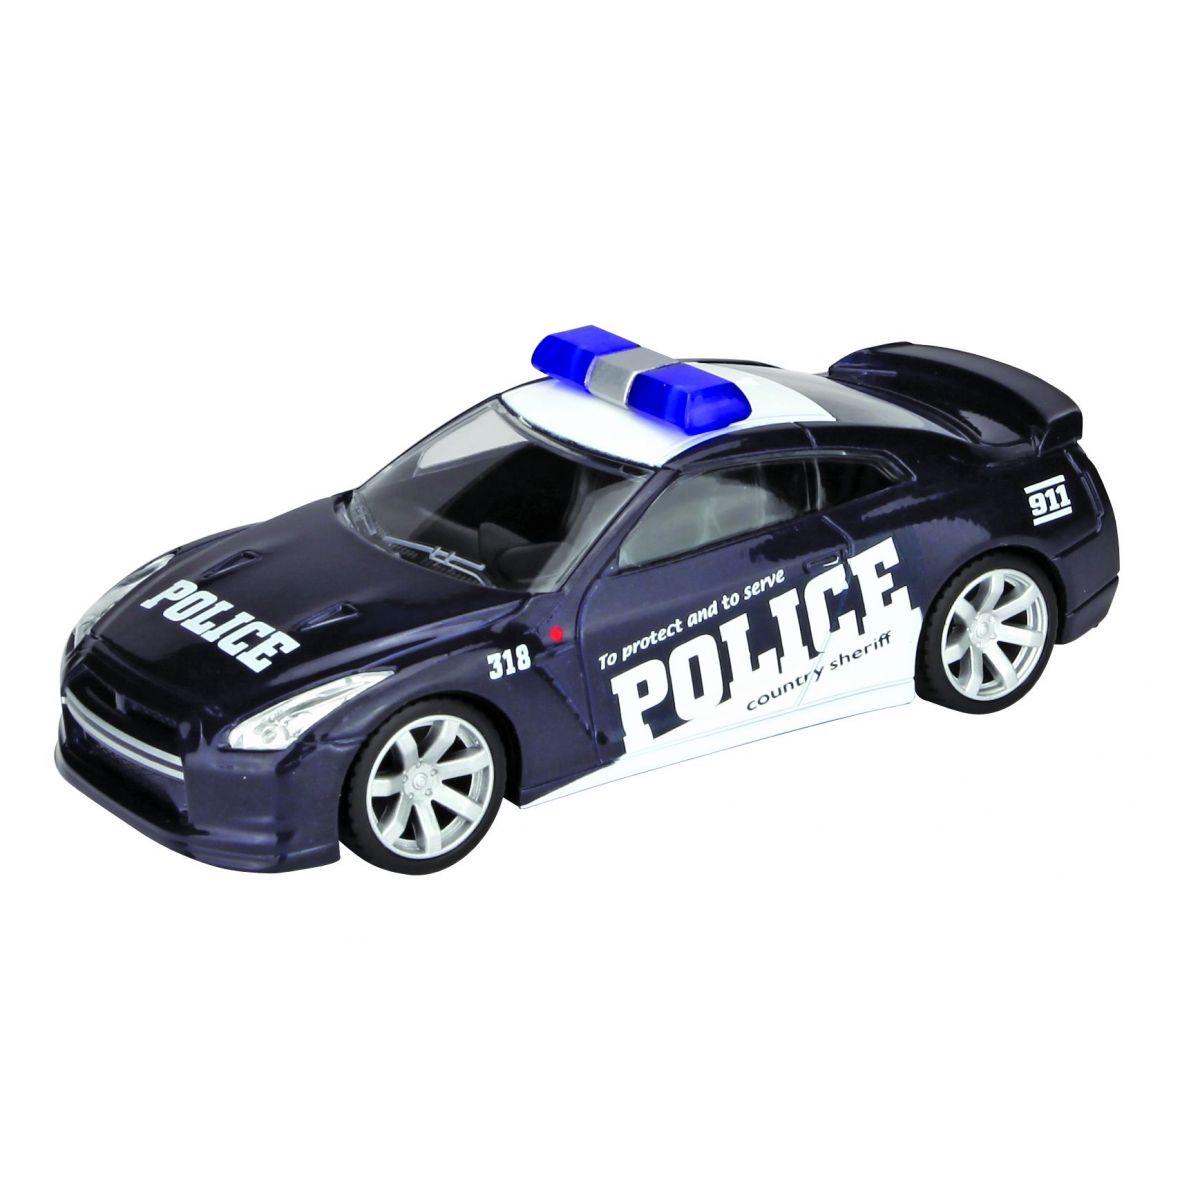 Realtoy Záchranárske auto Polícia